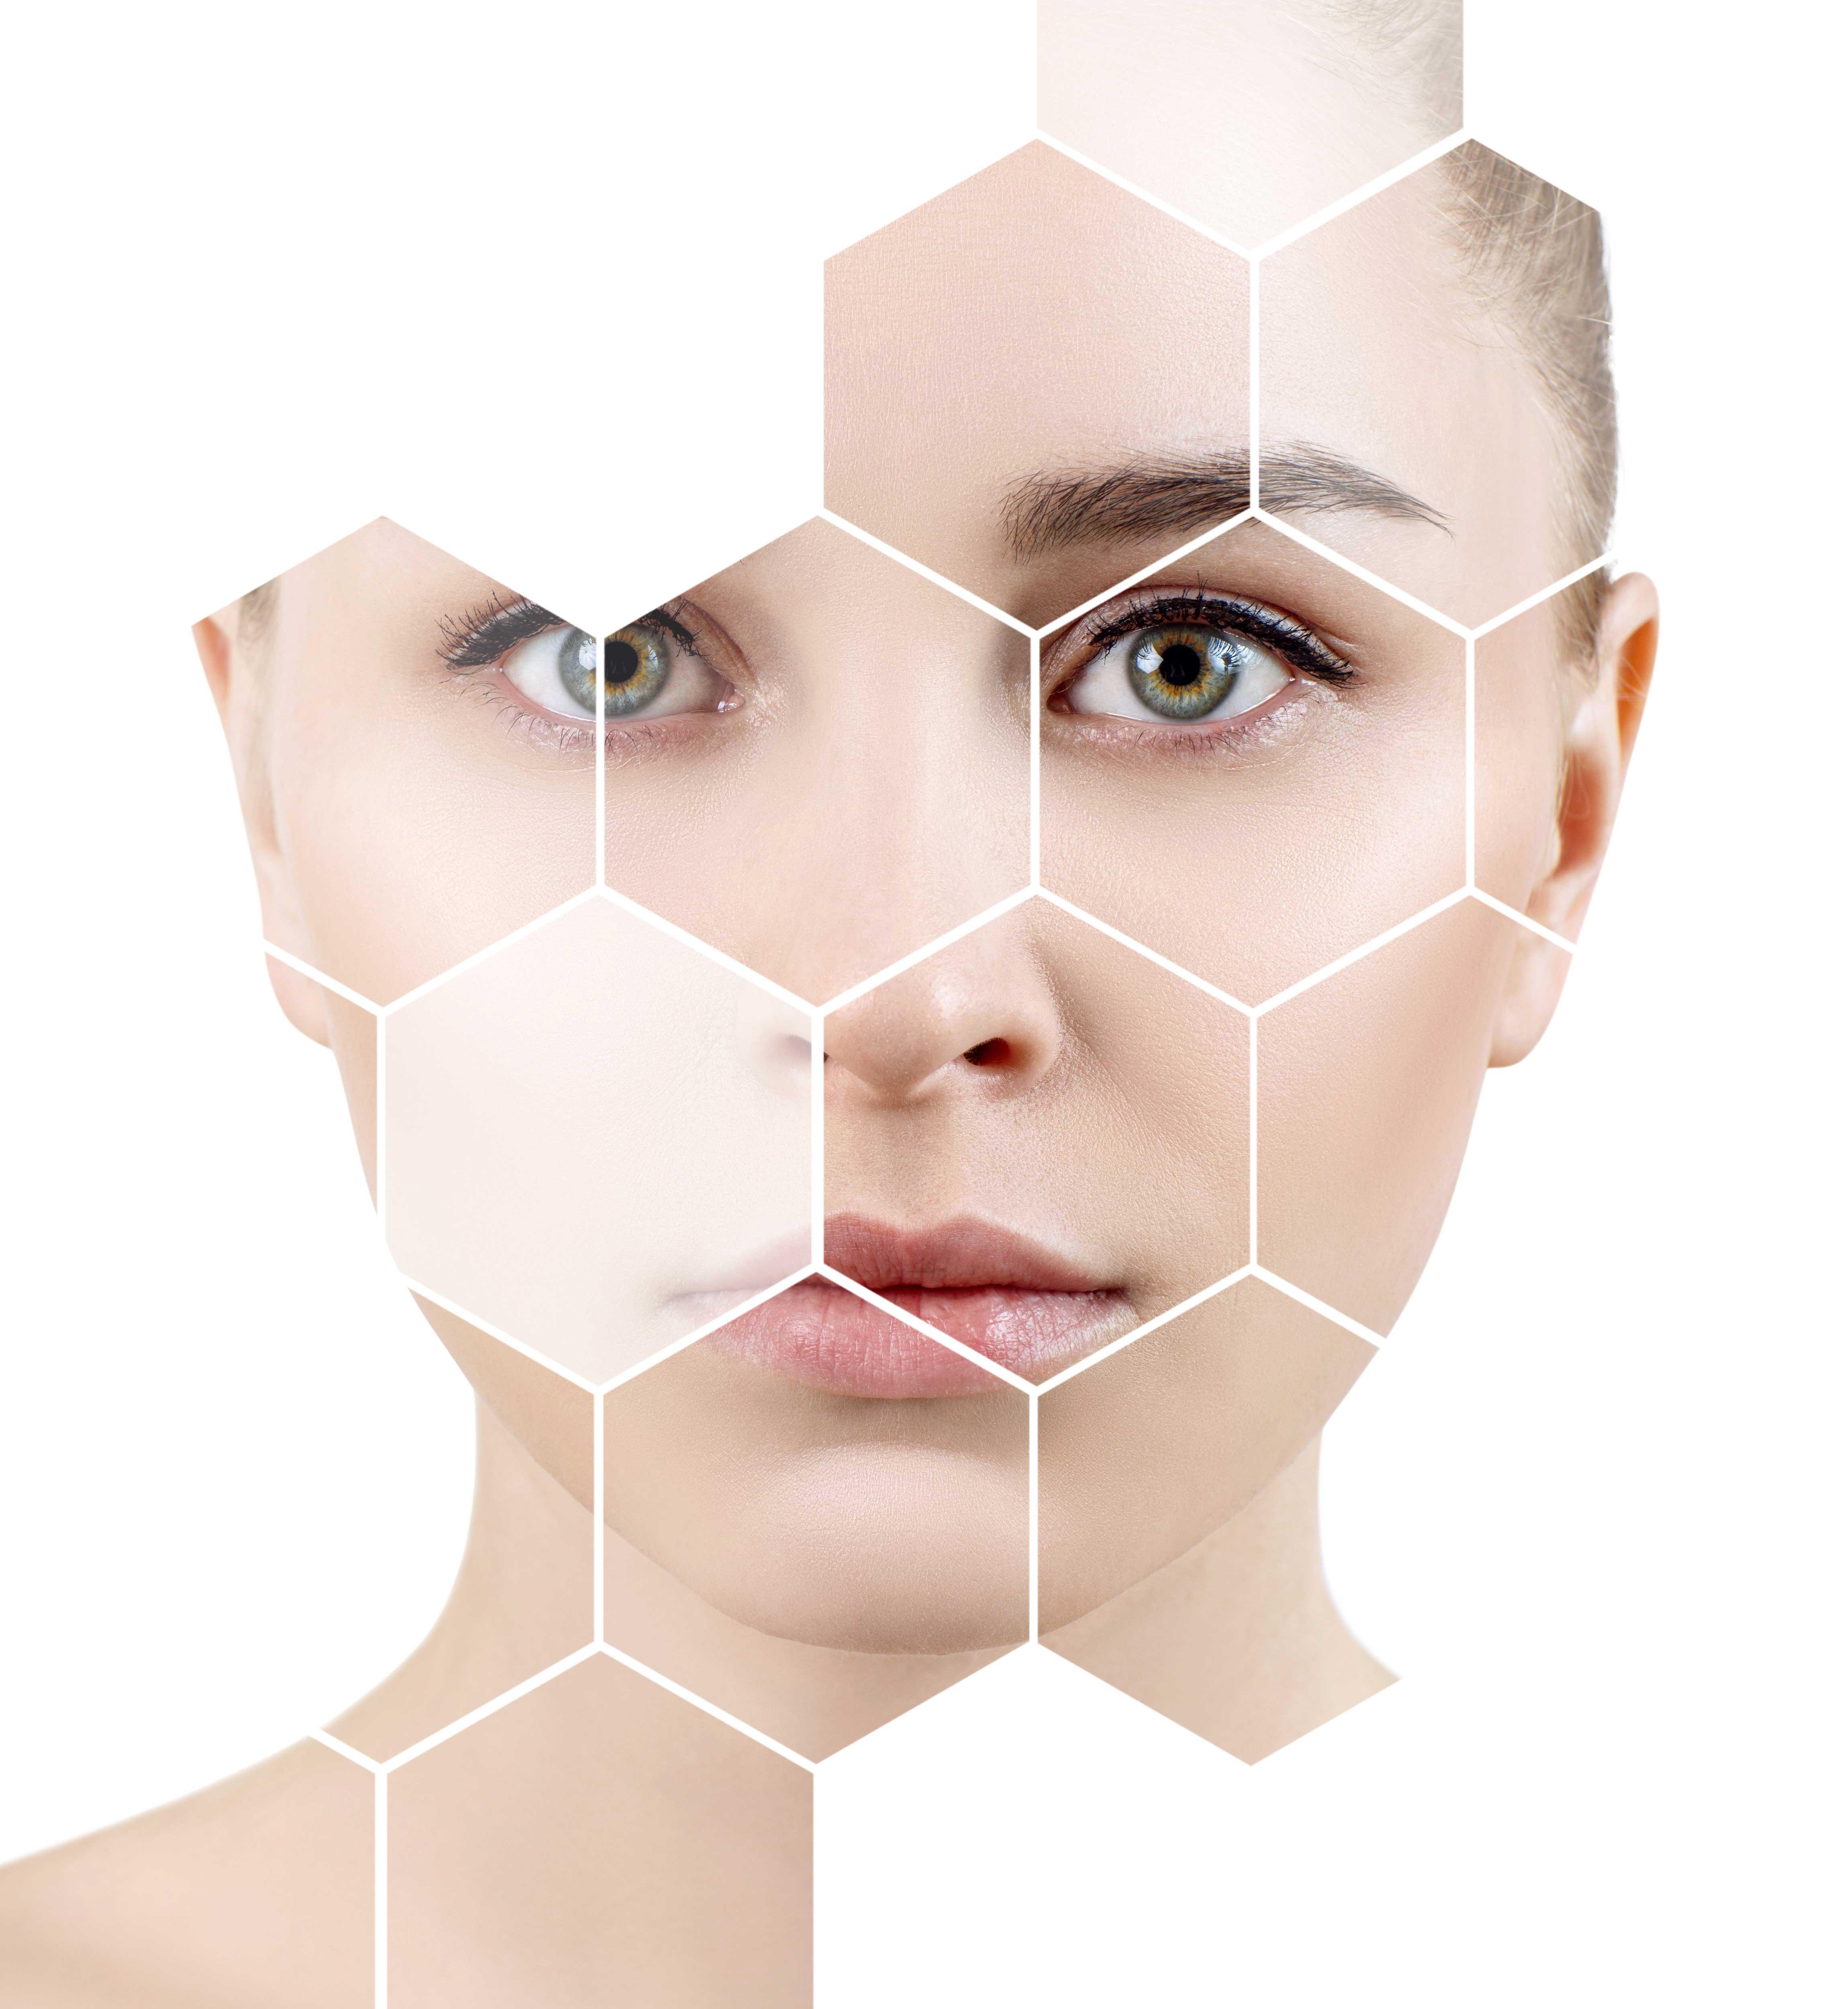 Kezelések Mezoterápiával. Bőrhidratálás, bőrpír, rosacea, aknés bőr, anti-age, pigmentfolt, hegkezelés, sebgyógyulás, tűs mezoterápia, tű nélküli mezoterápia, cellulit, stria, alakformálás, testkezelés